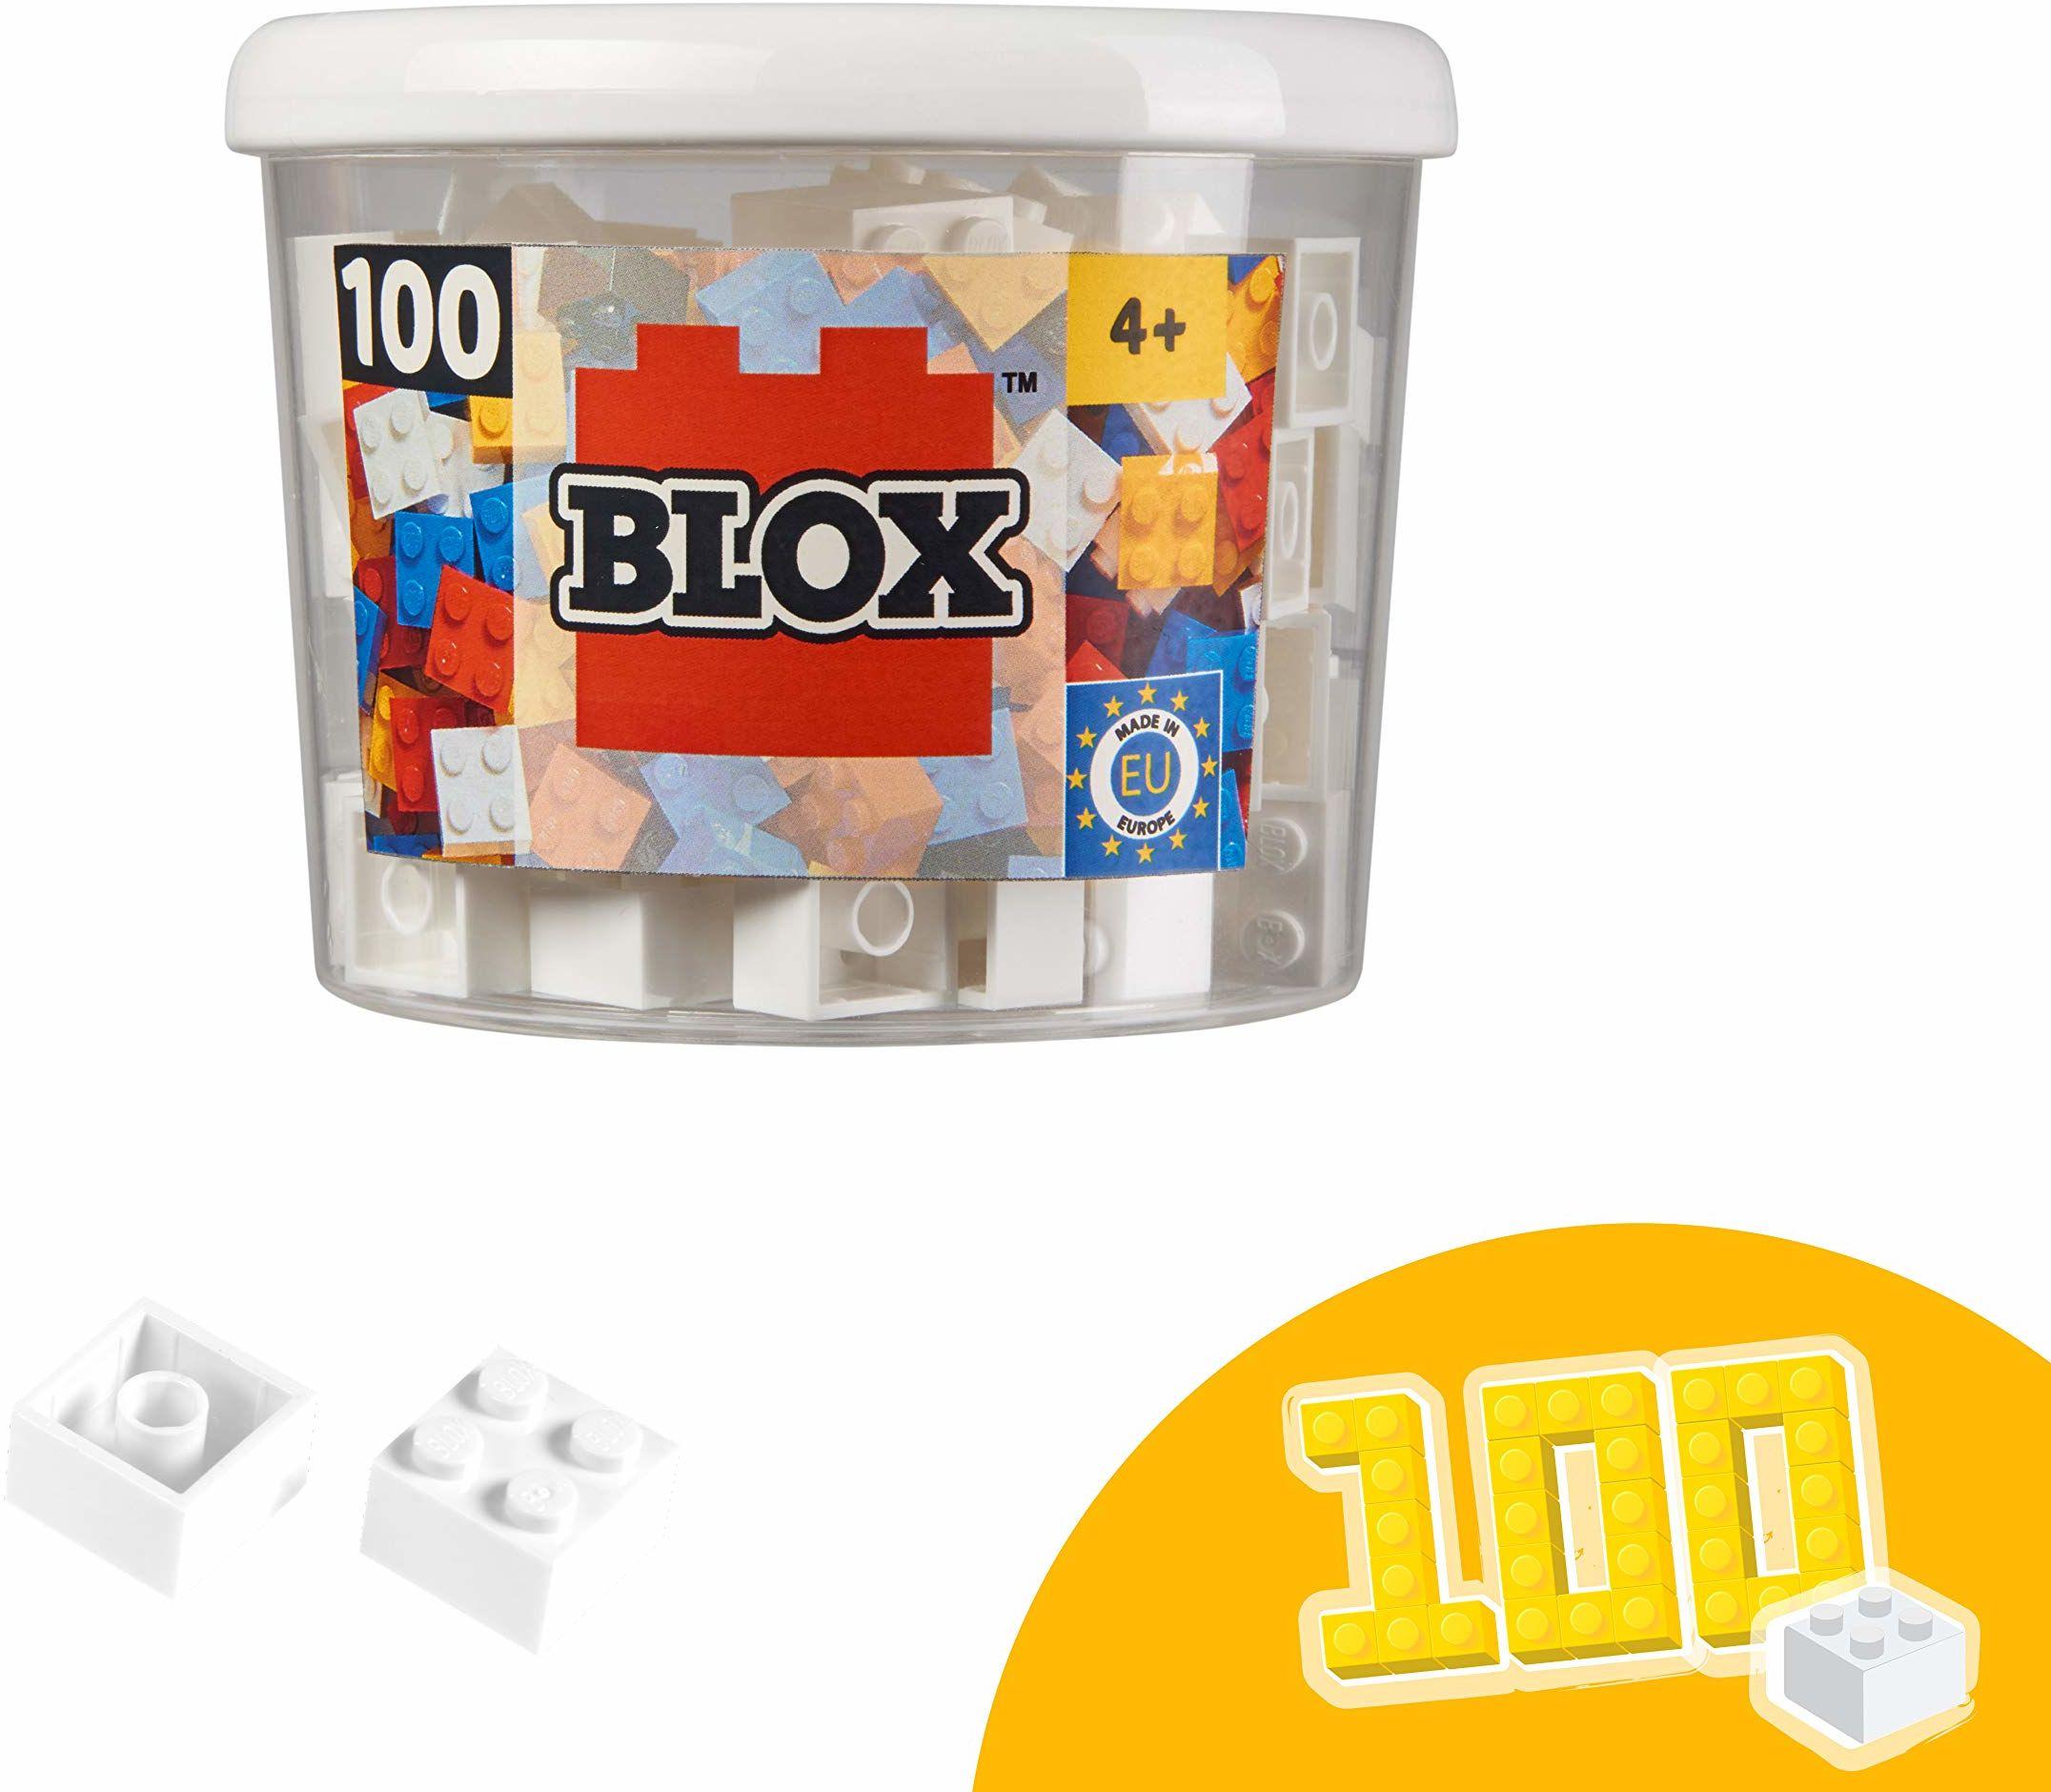 Simba 104114113, Blox, 100 białych klocków dla dzieci od 3 lat, 4 kamienie, w zestawie puszka, wysoka jakość, w pełni kompatybilne z produktami innych producentów